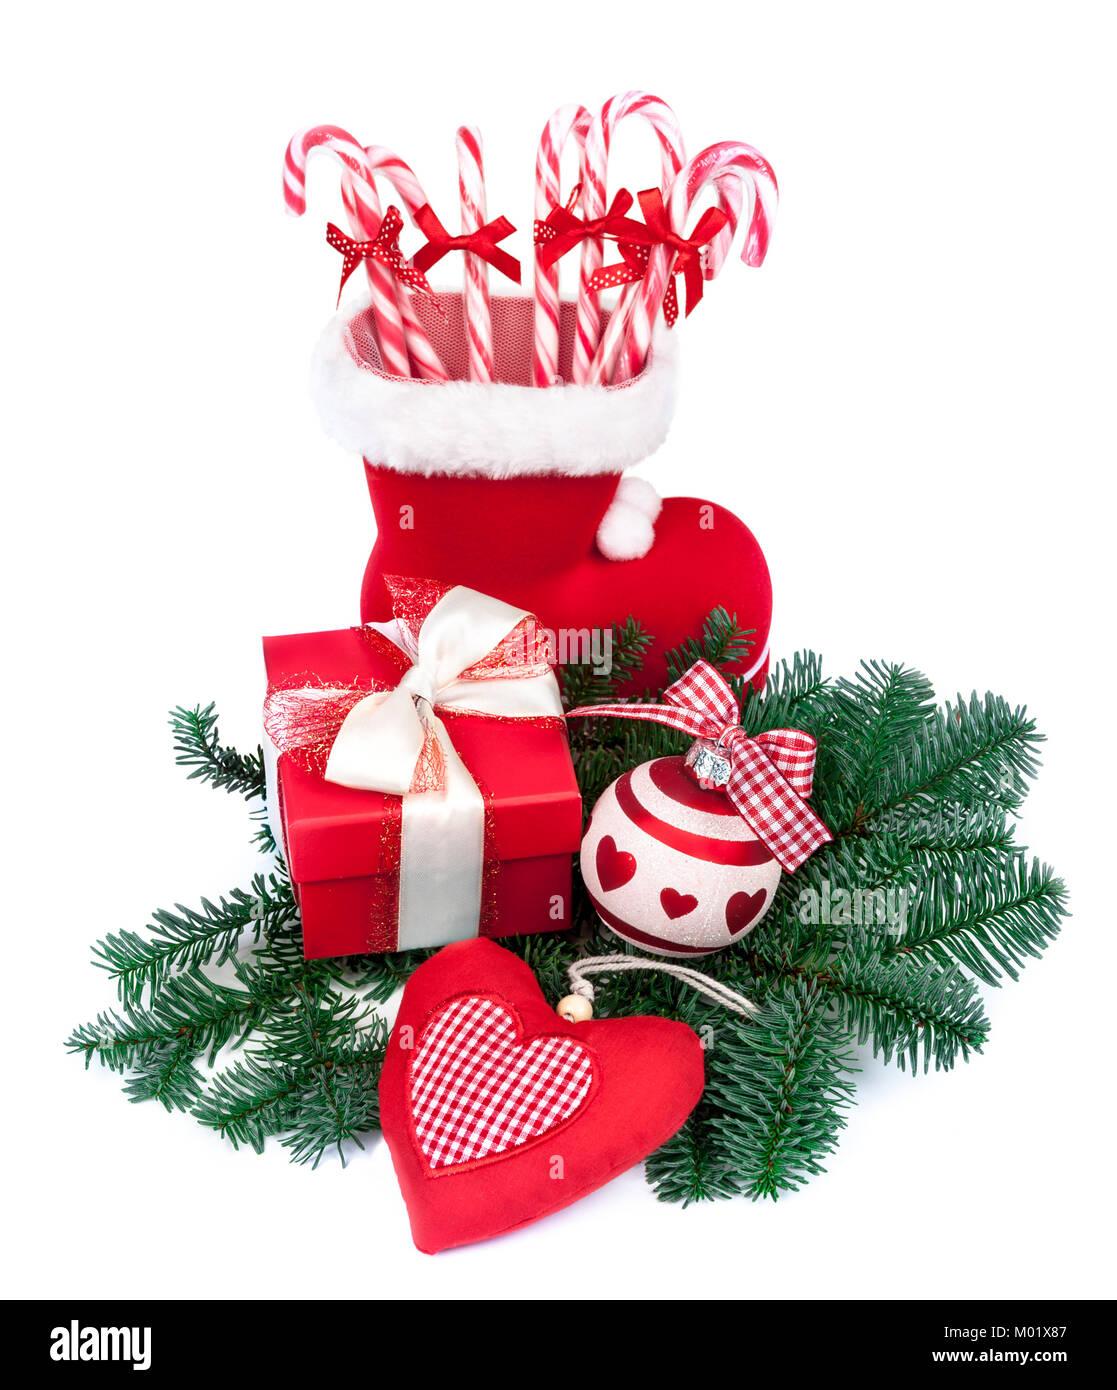 Decorazioni Natalizie Caramelle.Santa S Boot Con Bastoni Di Caramelle E Decorazioni Di Natale Su Sfondo Bianco Foto Stock Alamy